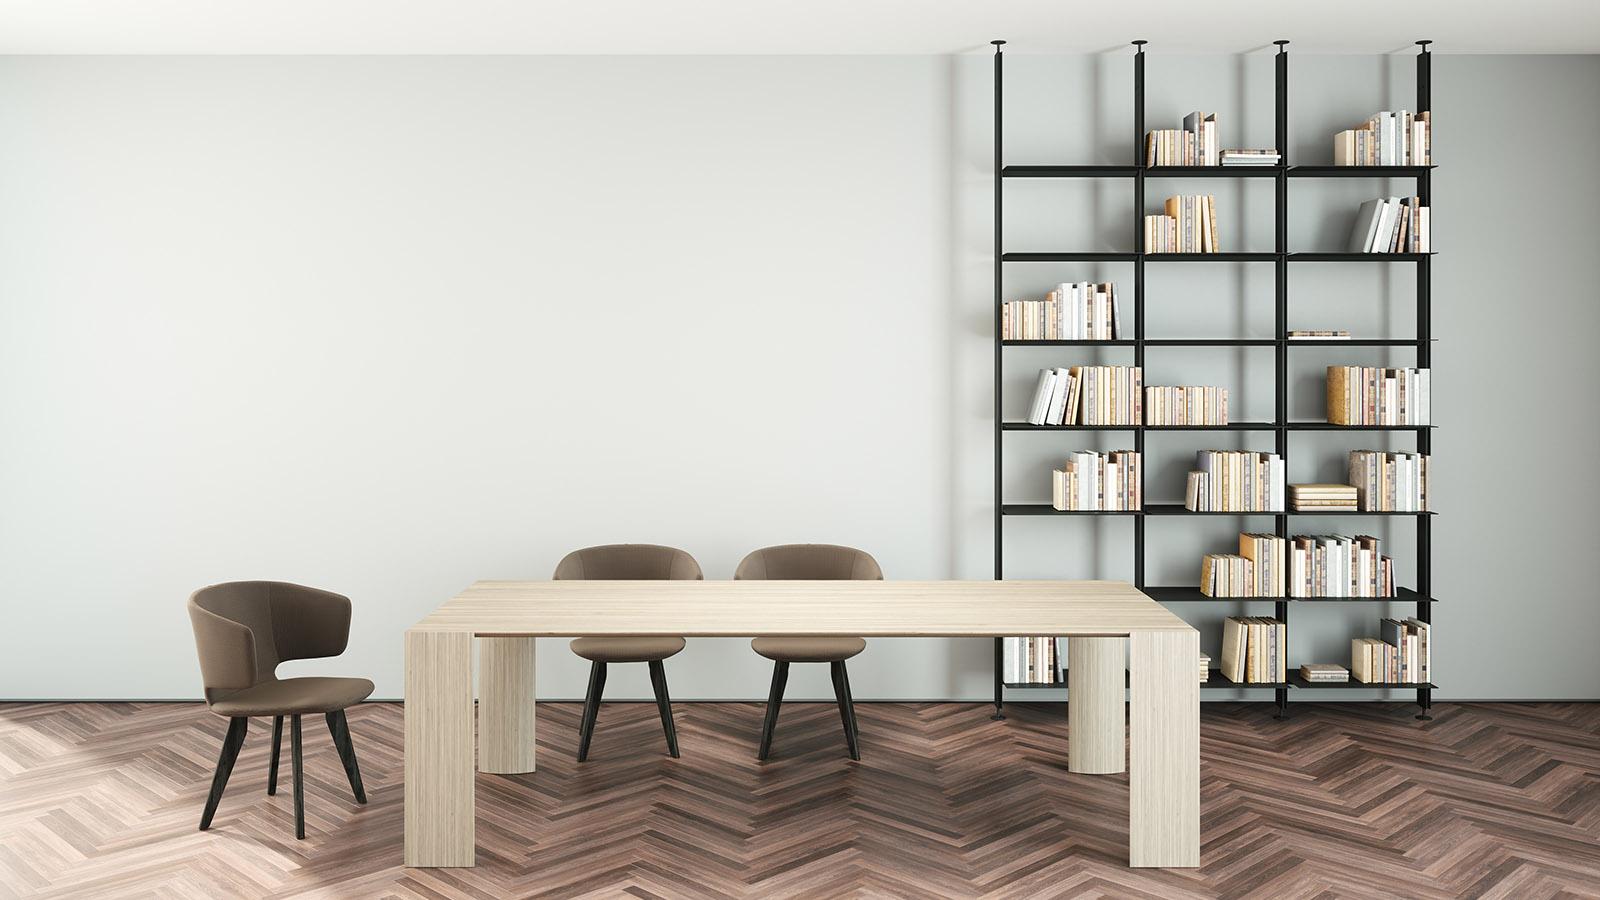 Sag80 sapr seguirvi nella progettazione di interni for Progettazione di interni gratis